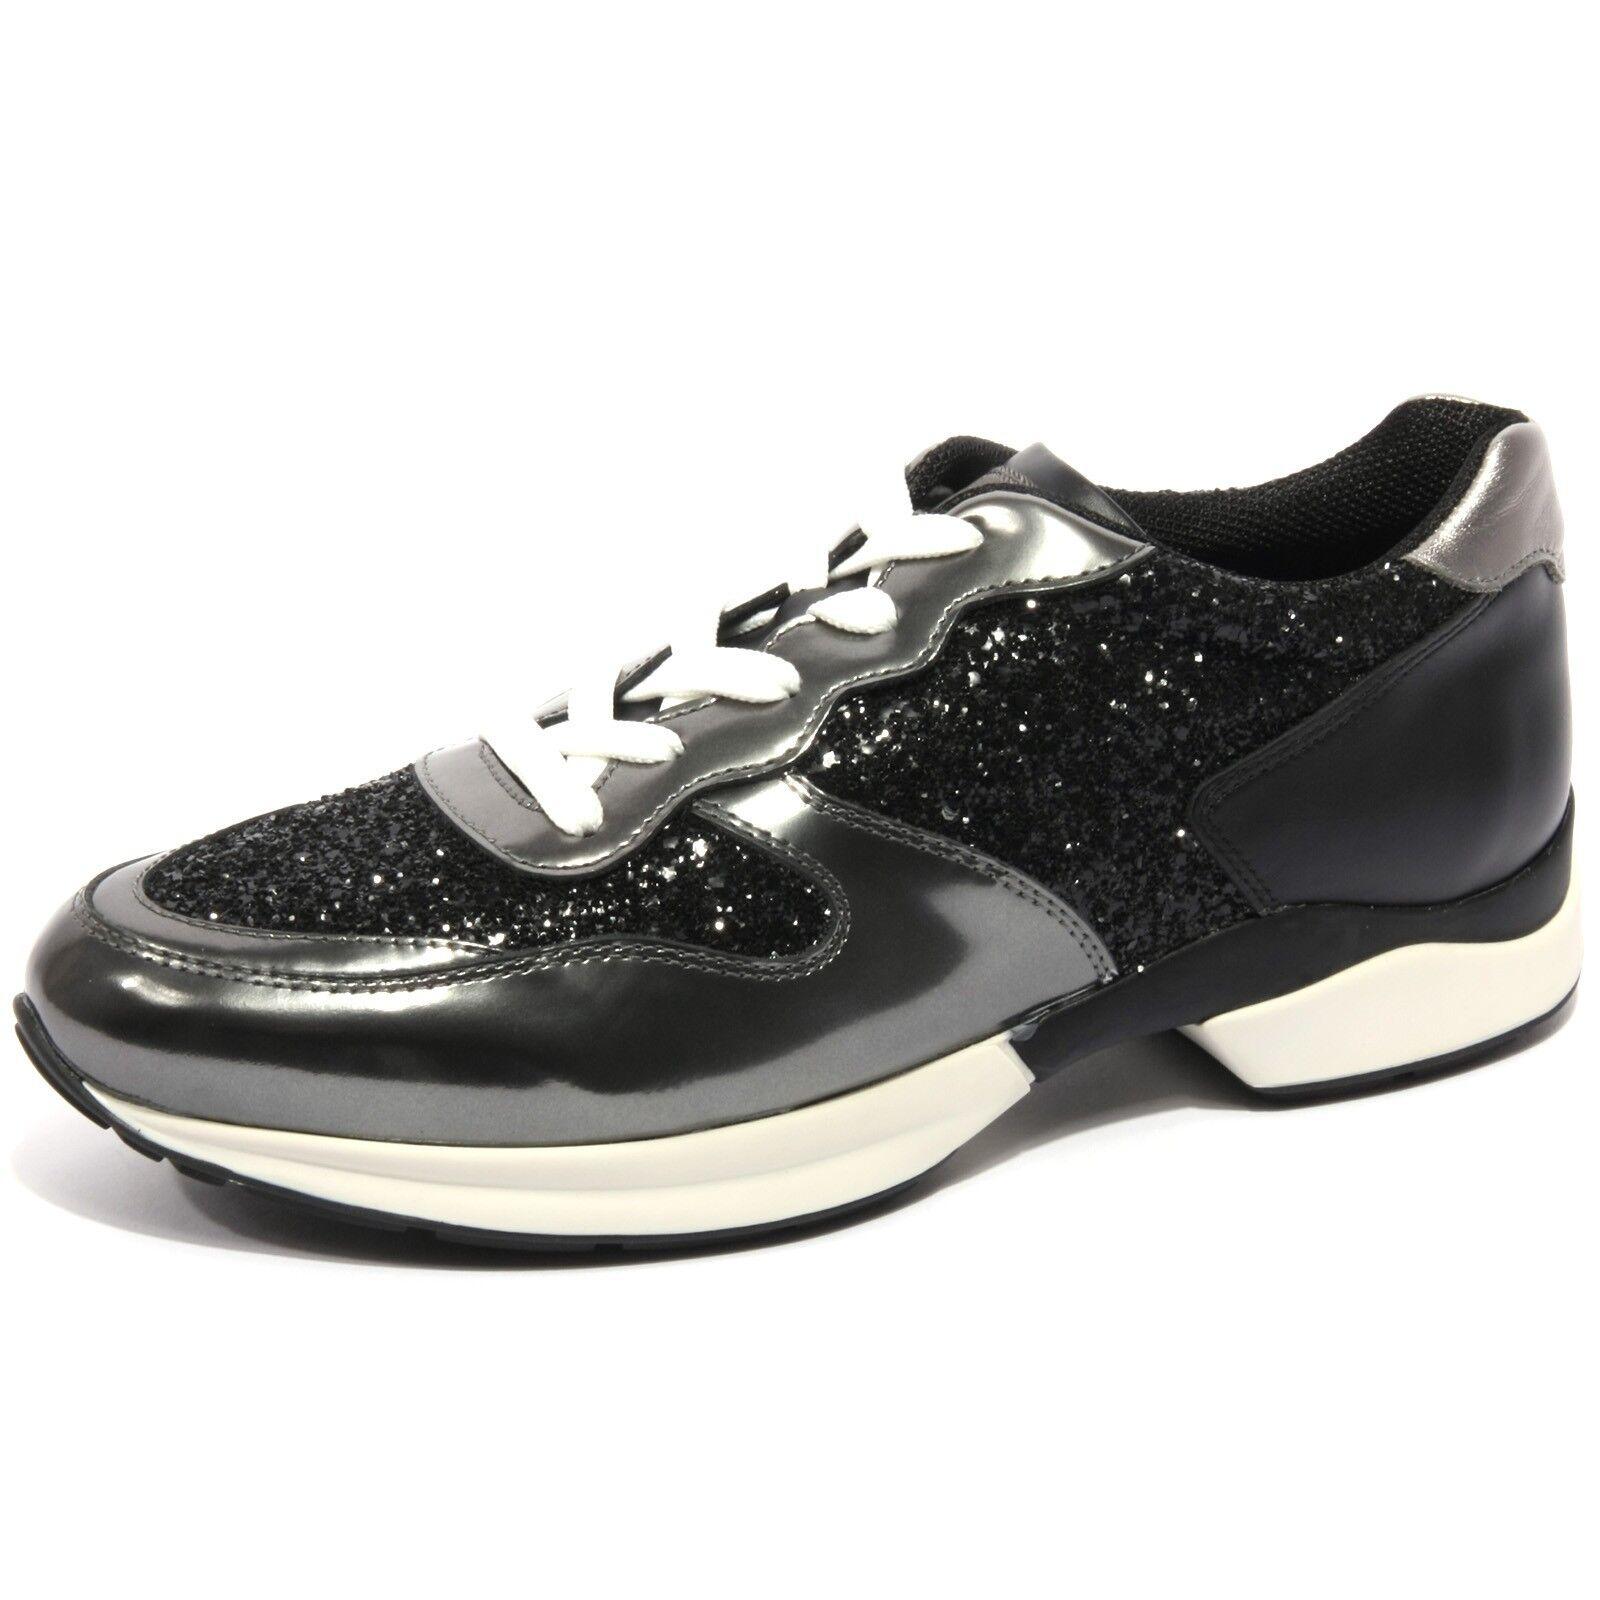 B1668 sneaker donna TOD'S ACTIVE woman scarpa nero/grigio scuro shoe woman ACTIVE GLITTER adfc39